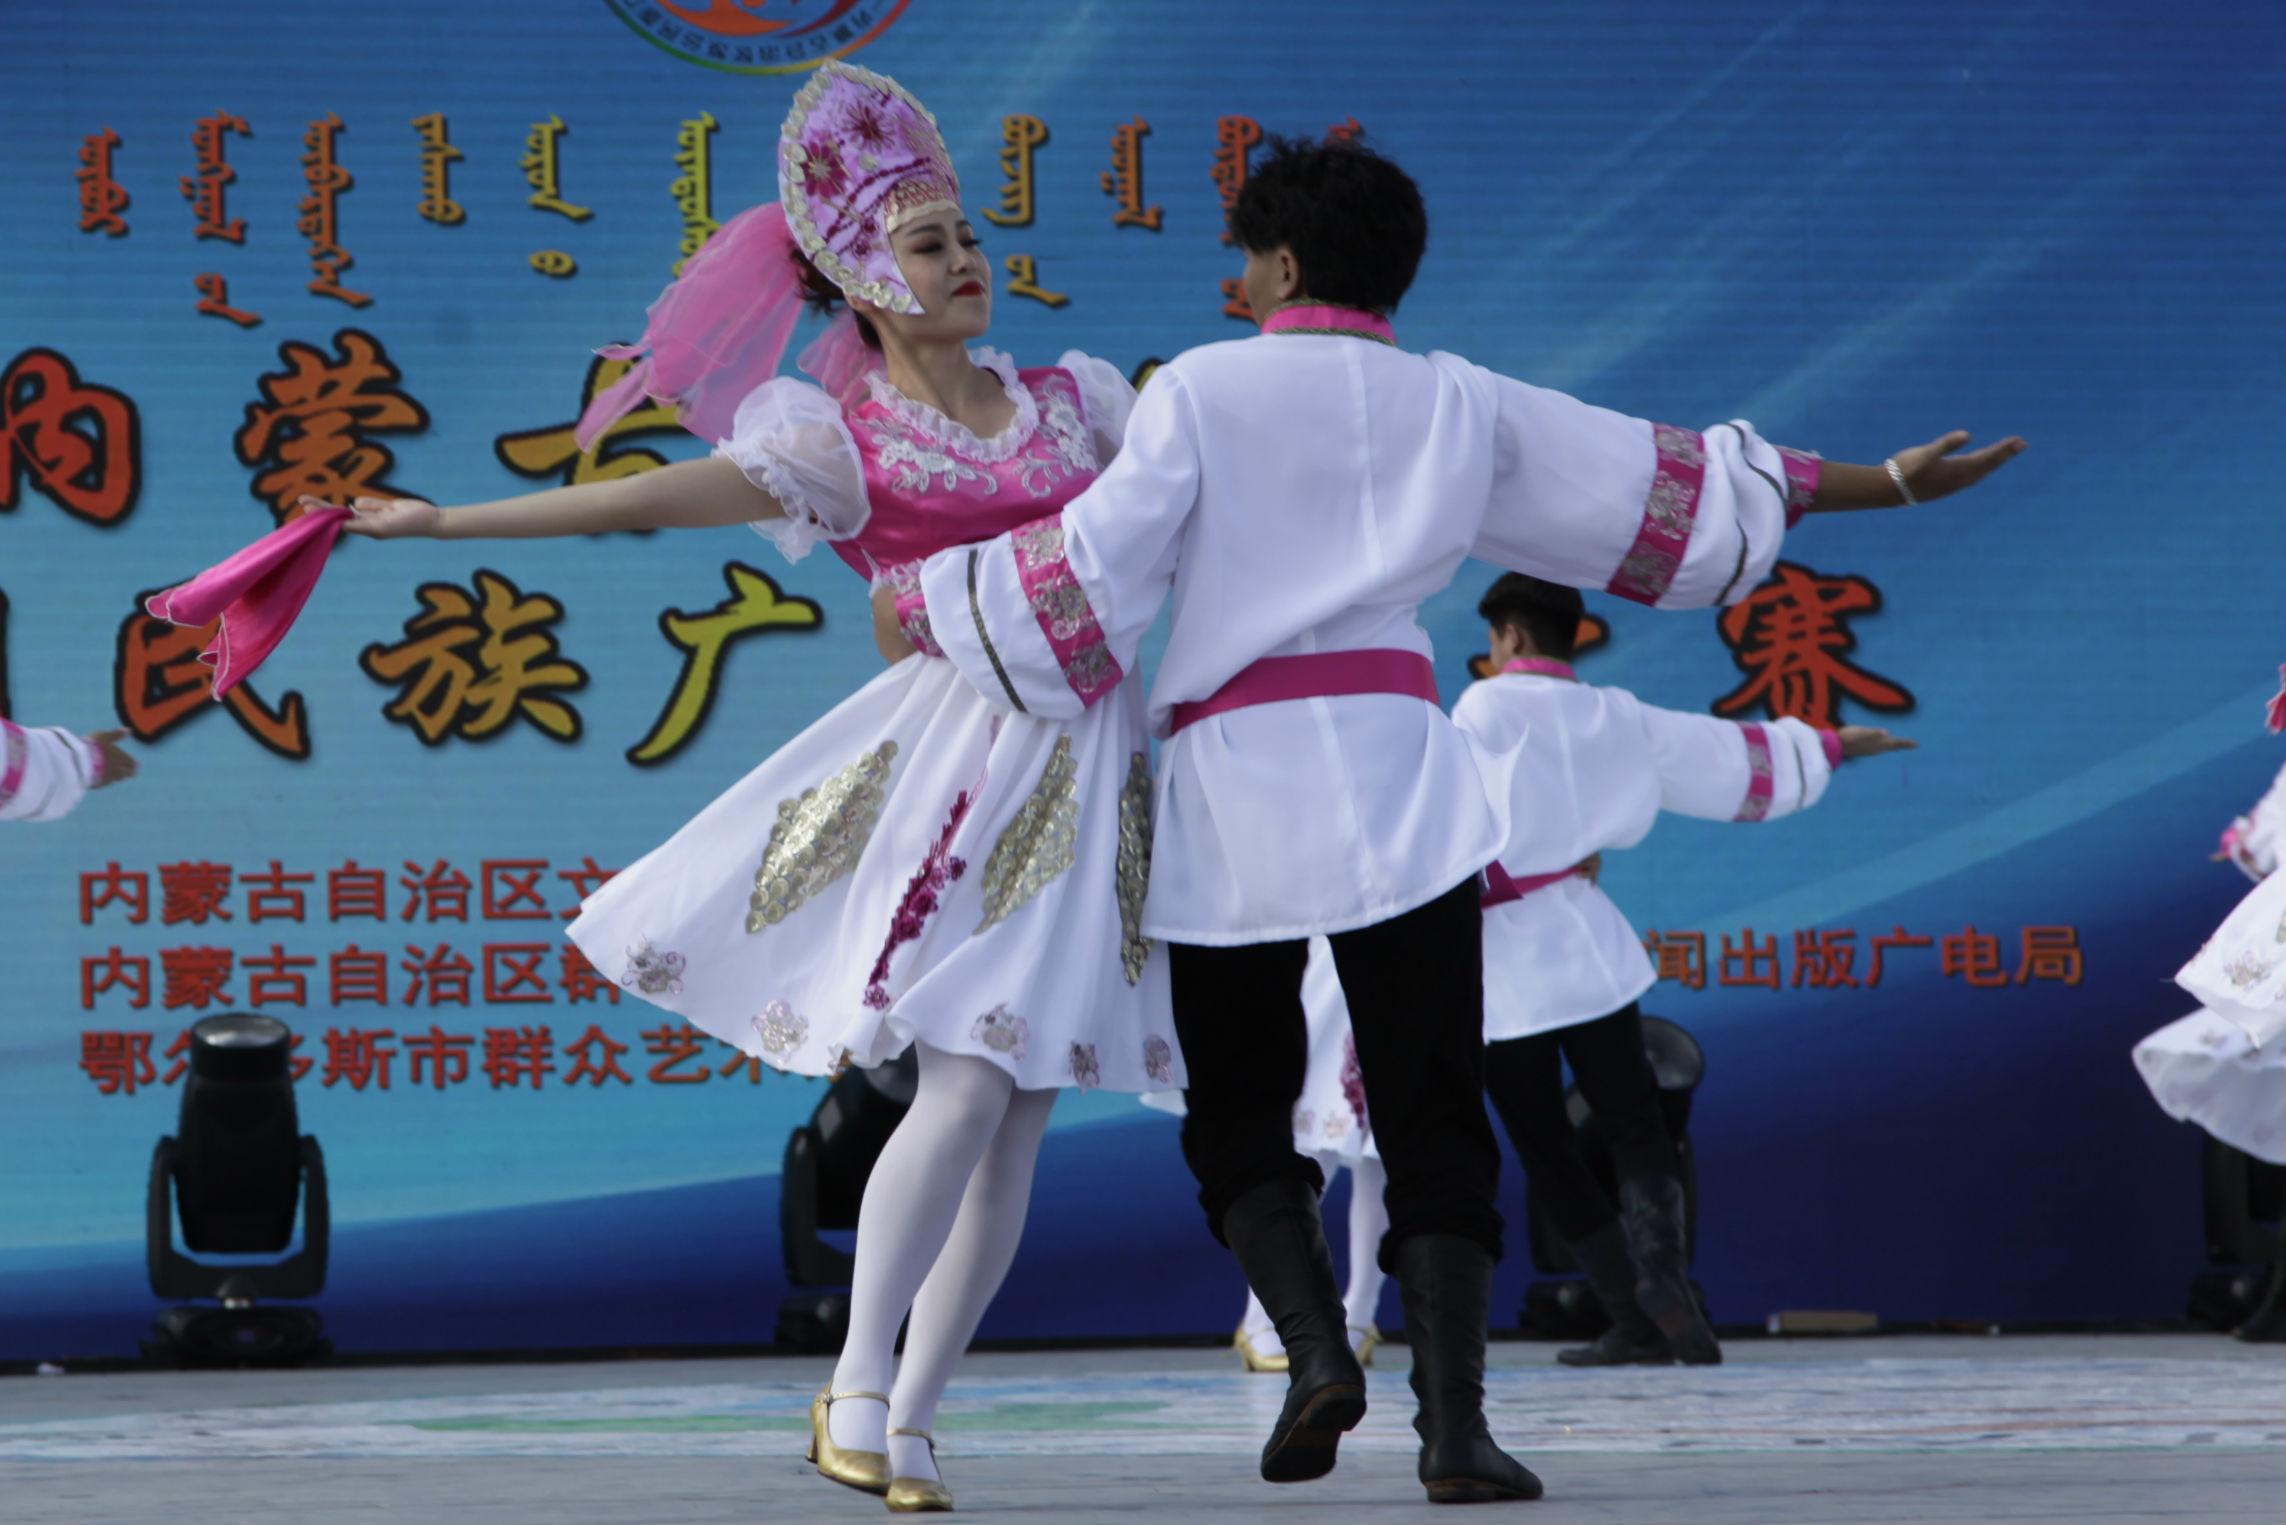 庆祝建军九十载 武警北京总队十五支队文艺汇演展现警营活力青春